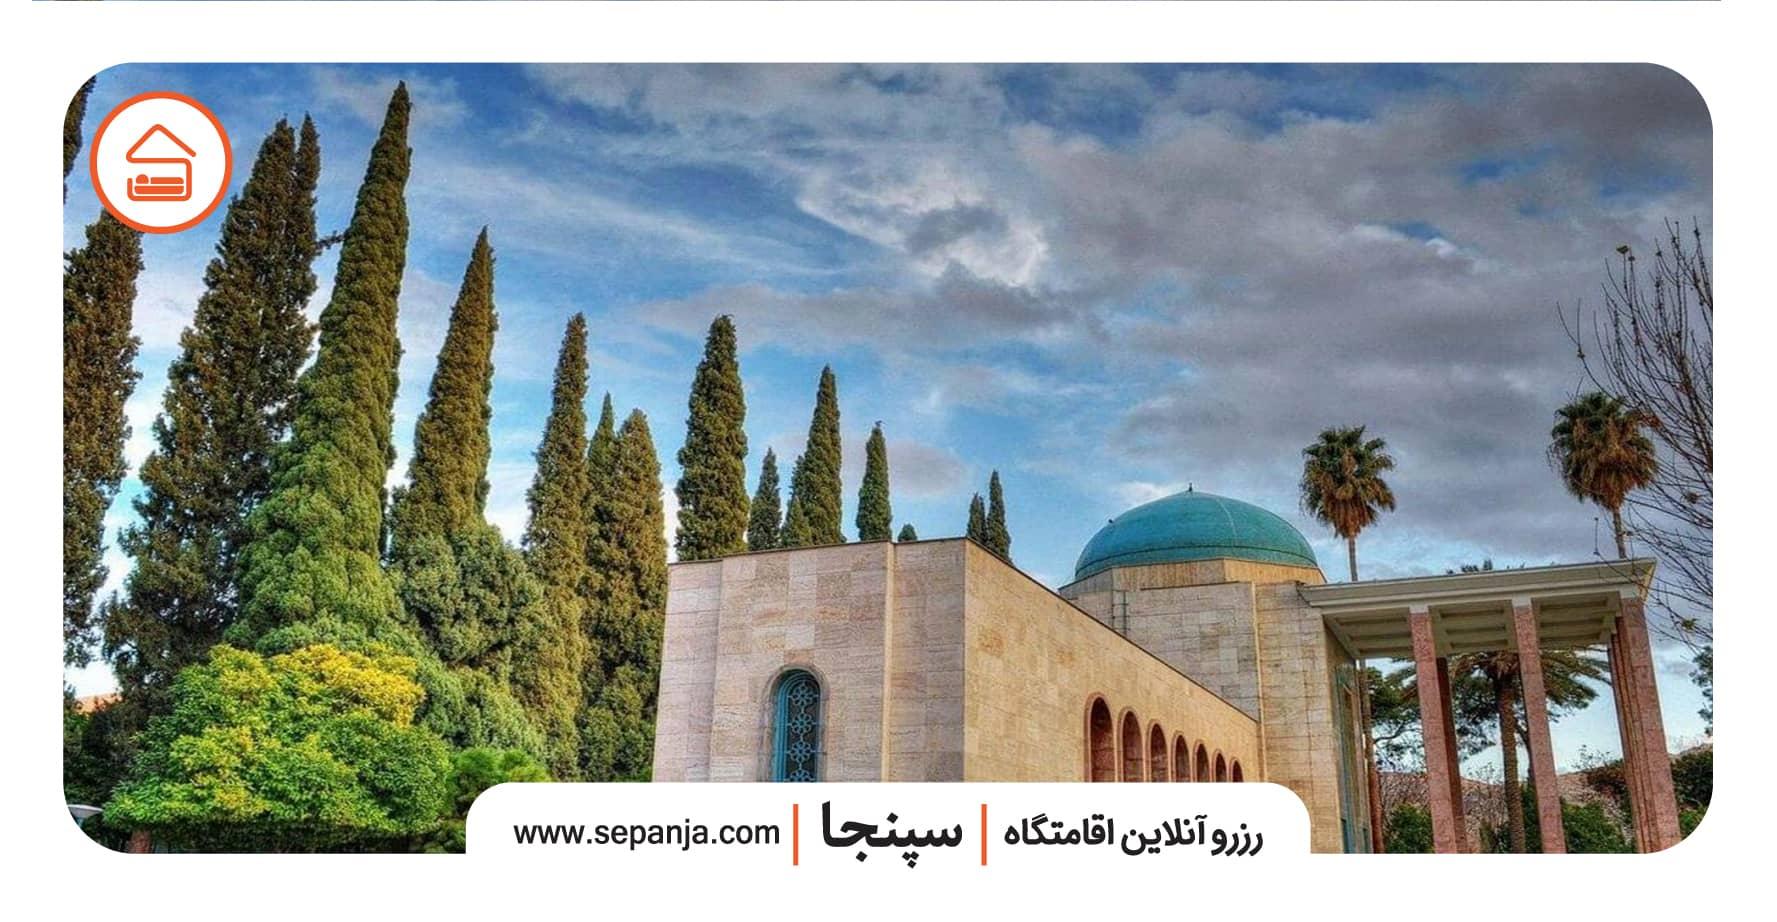 شهر شیراز و نمایی از بهترین جاهای دیدنی شیراز